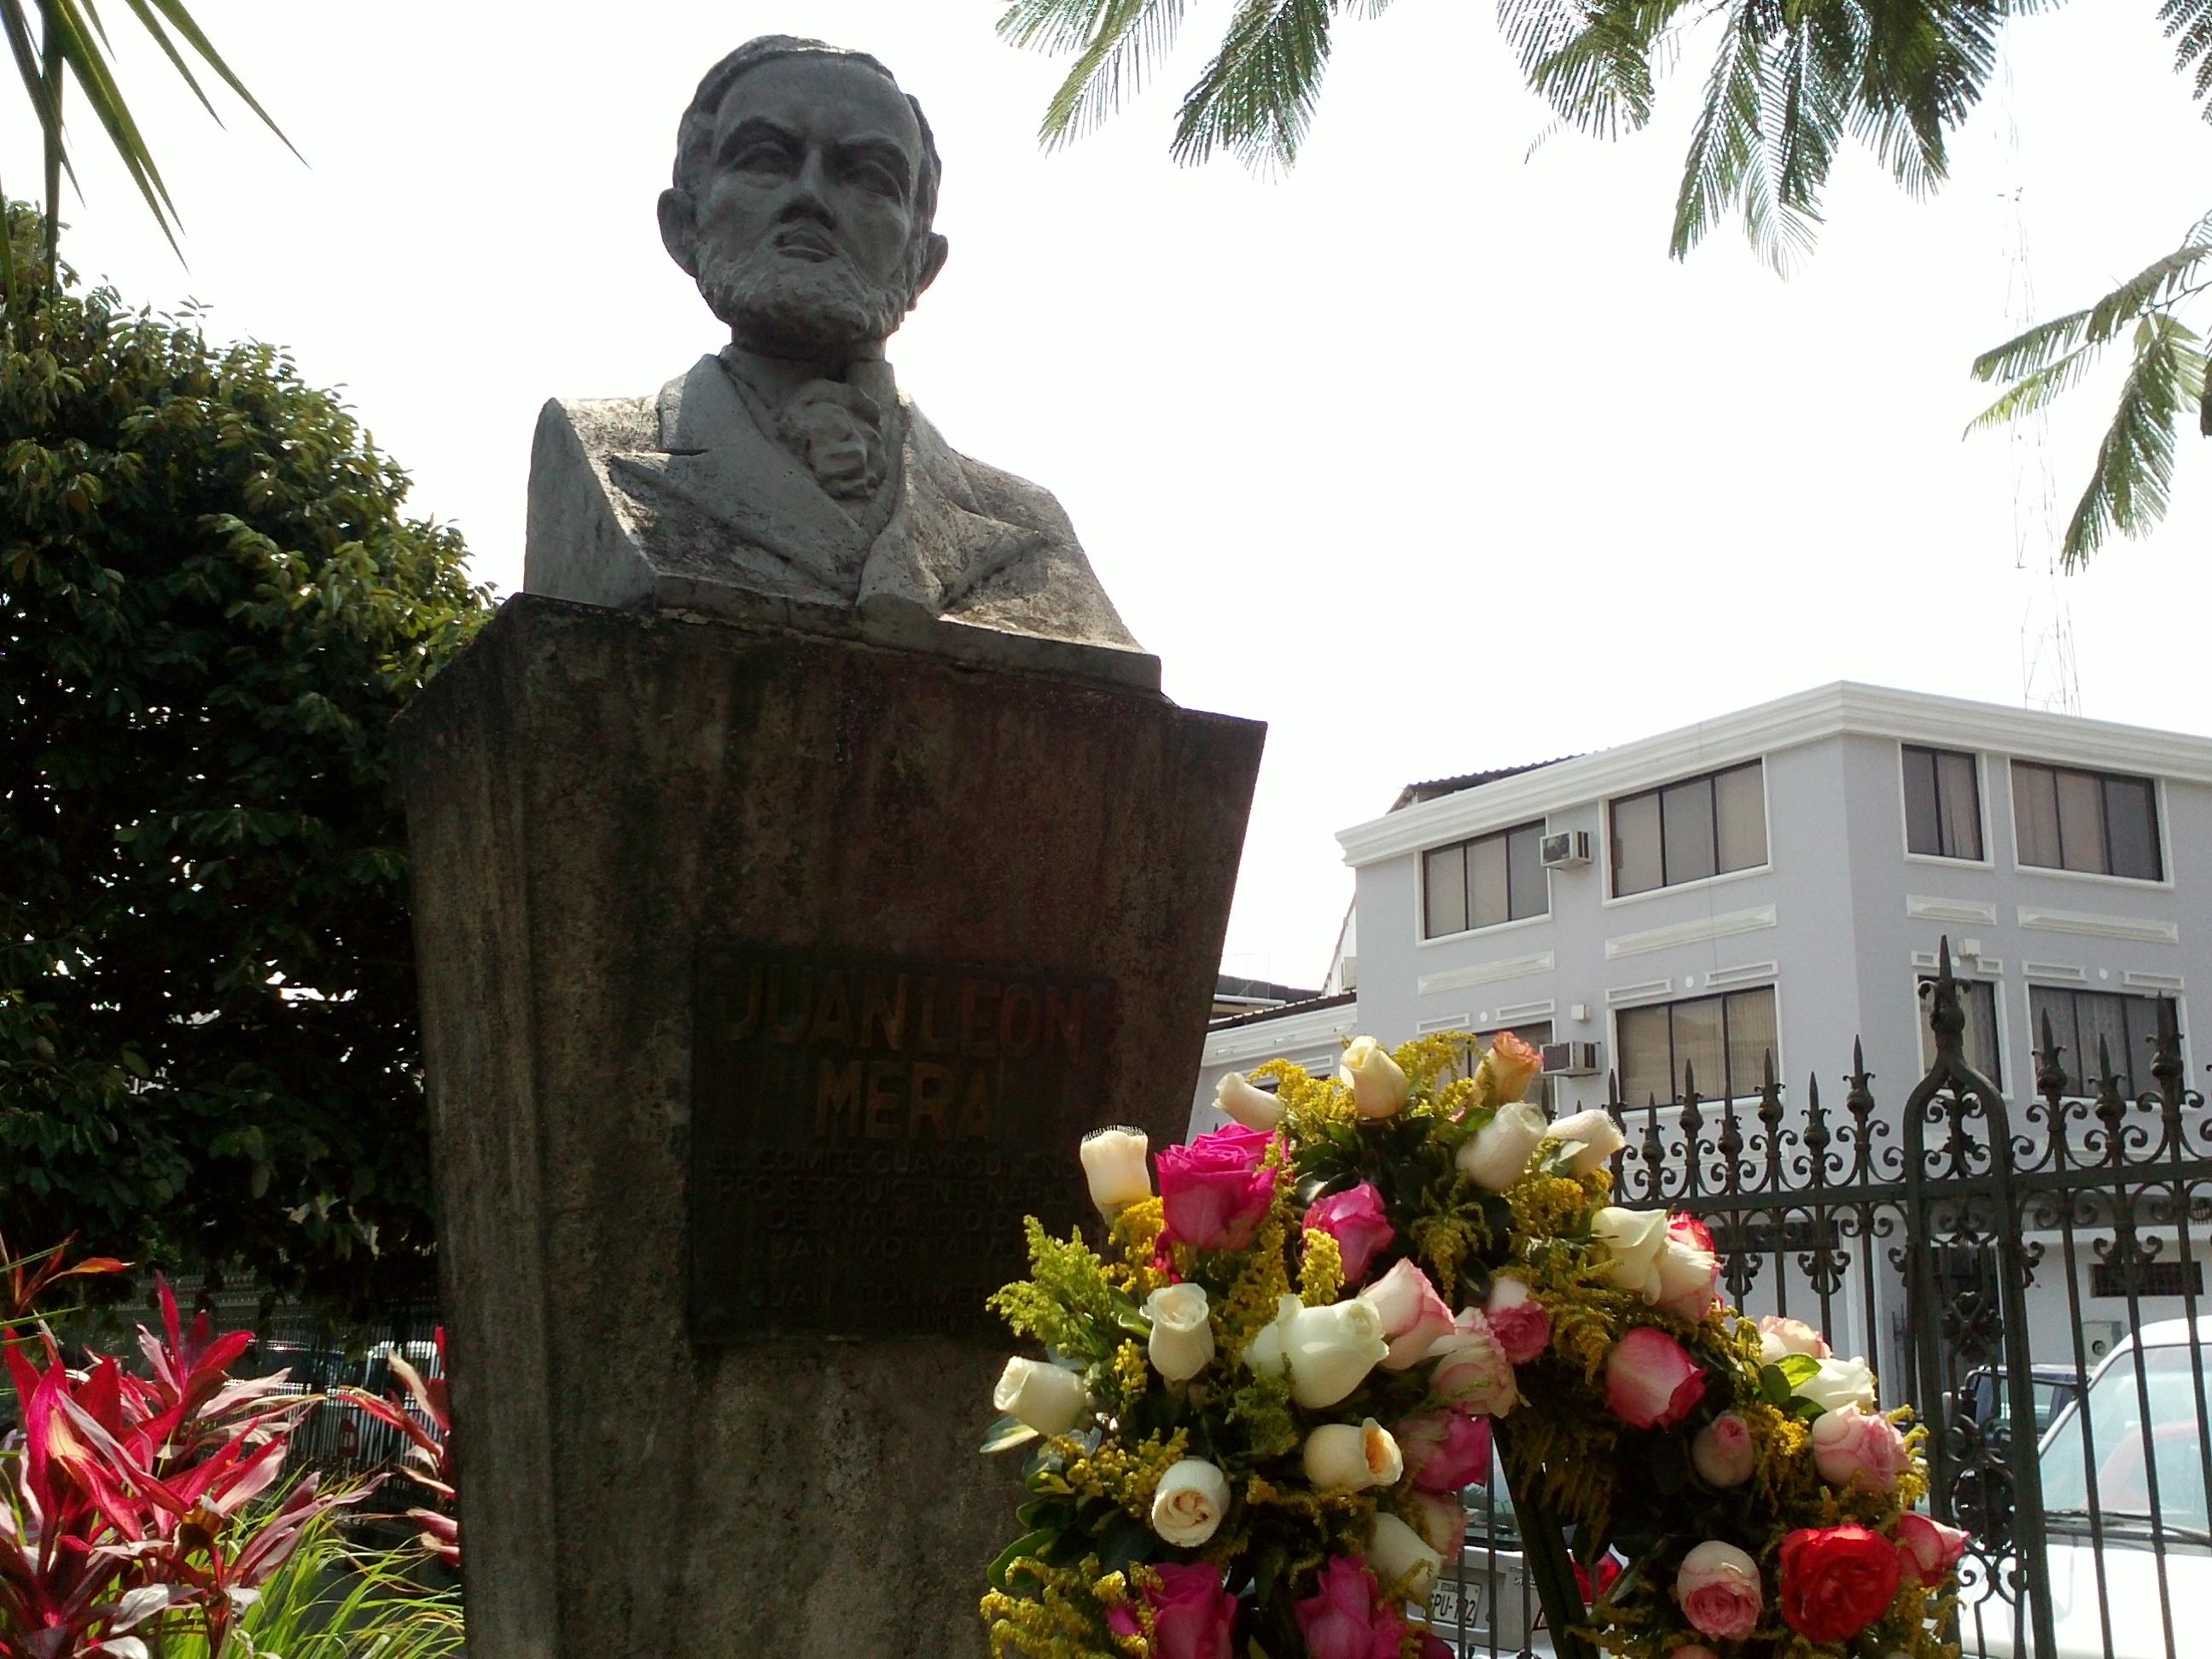 La Fundación Símbolos Patrios rinde homenaje anualmente a los autores de la letra y música del Himno Nacional, como es el caso de Juan León Mera.